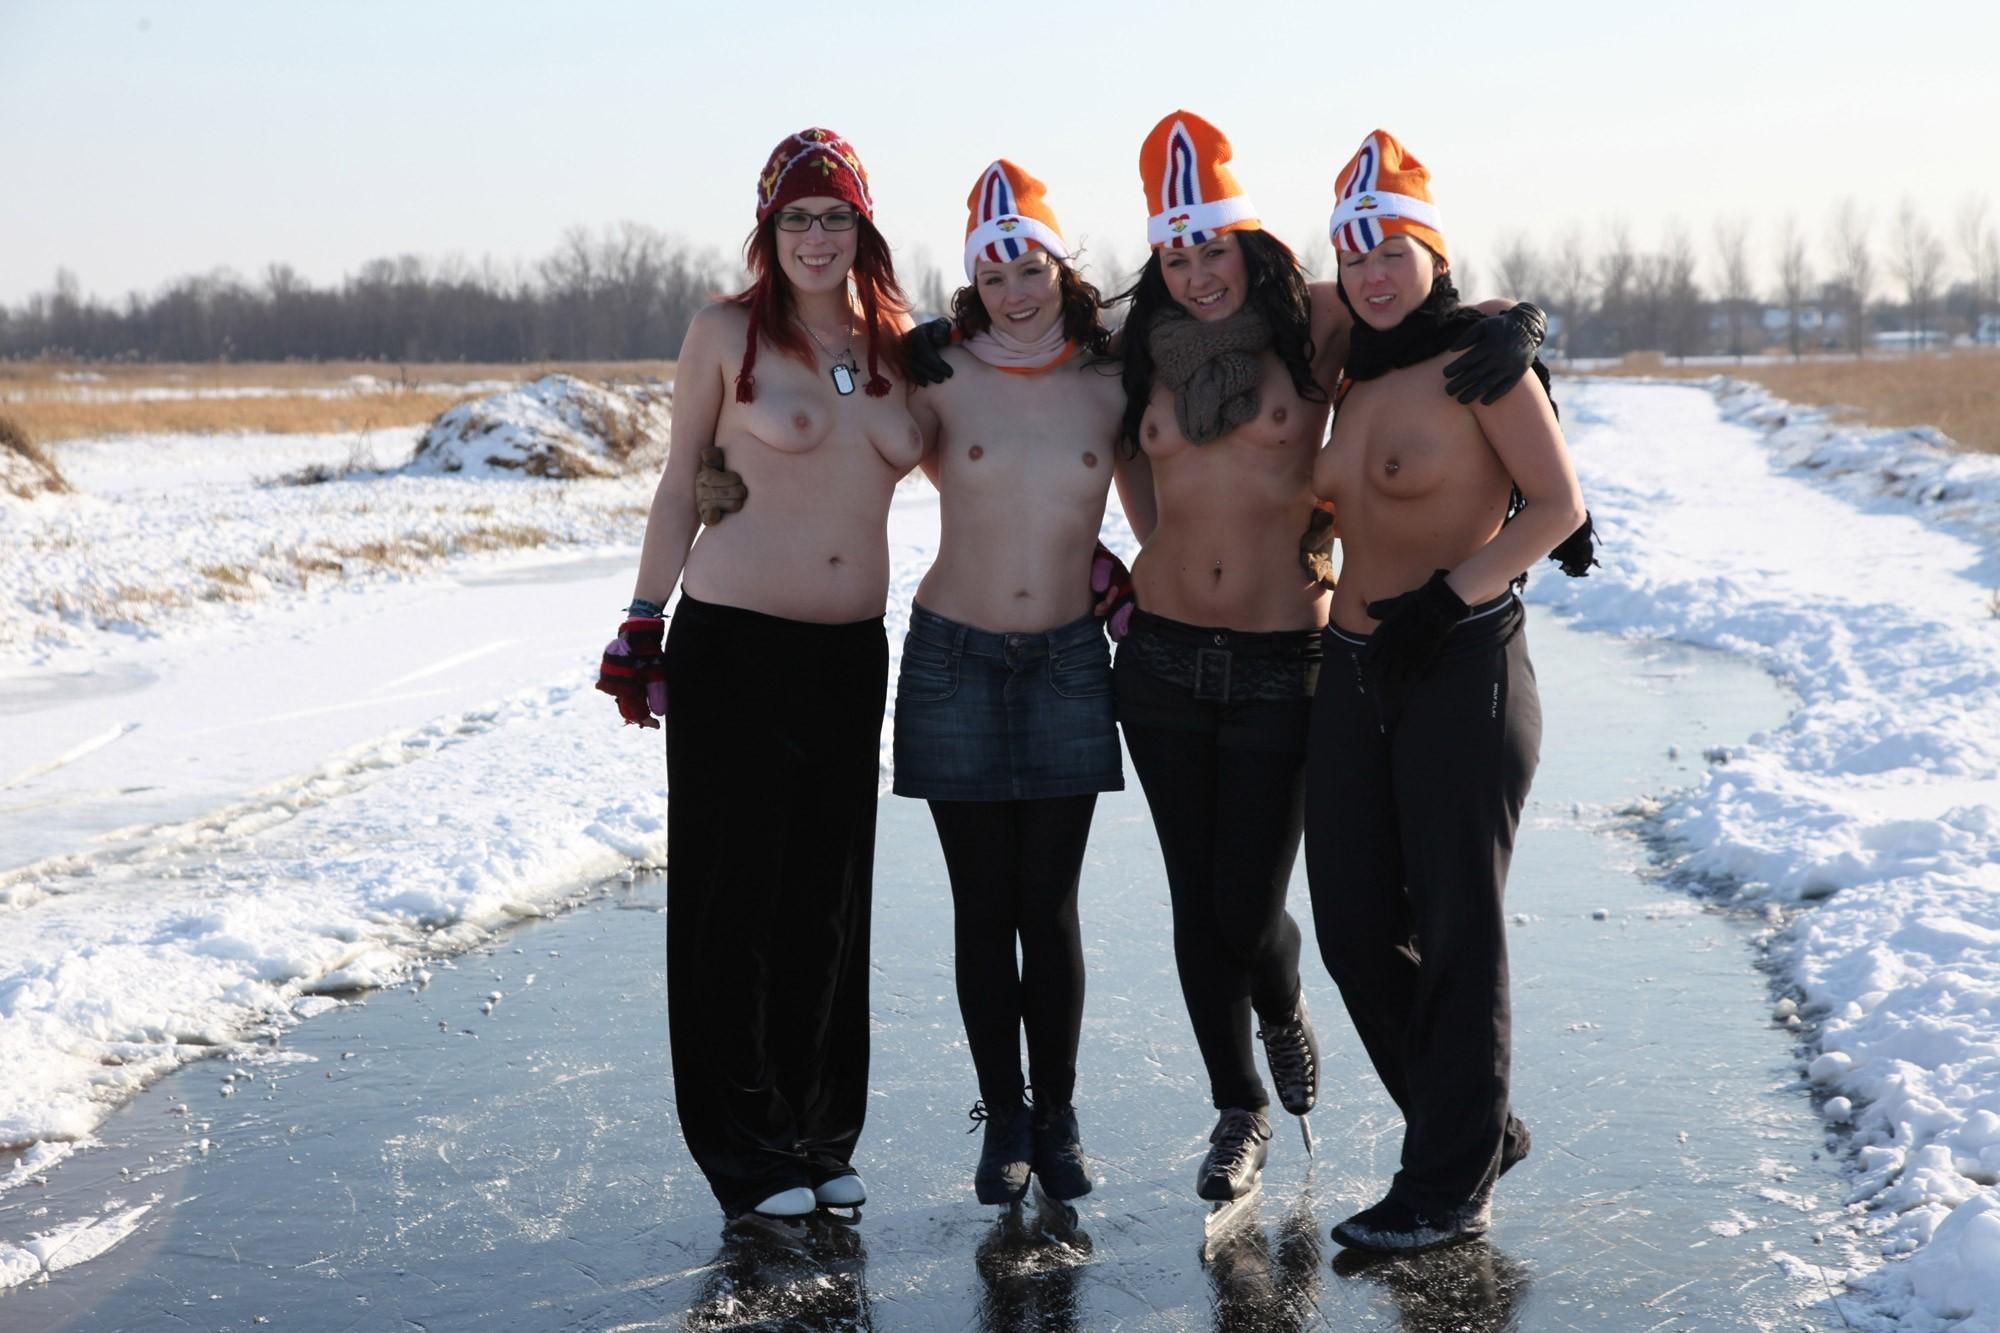 Девушки на снегу (ты их согрей руками) - компиляция 1